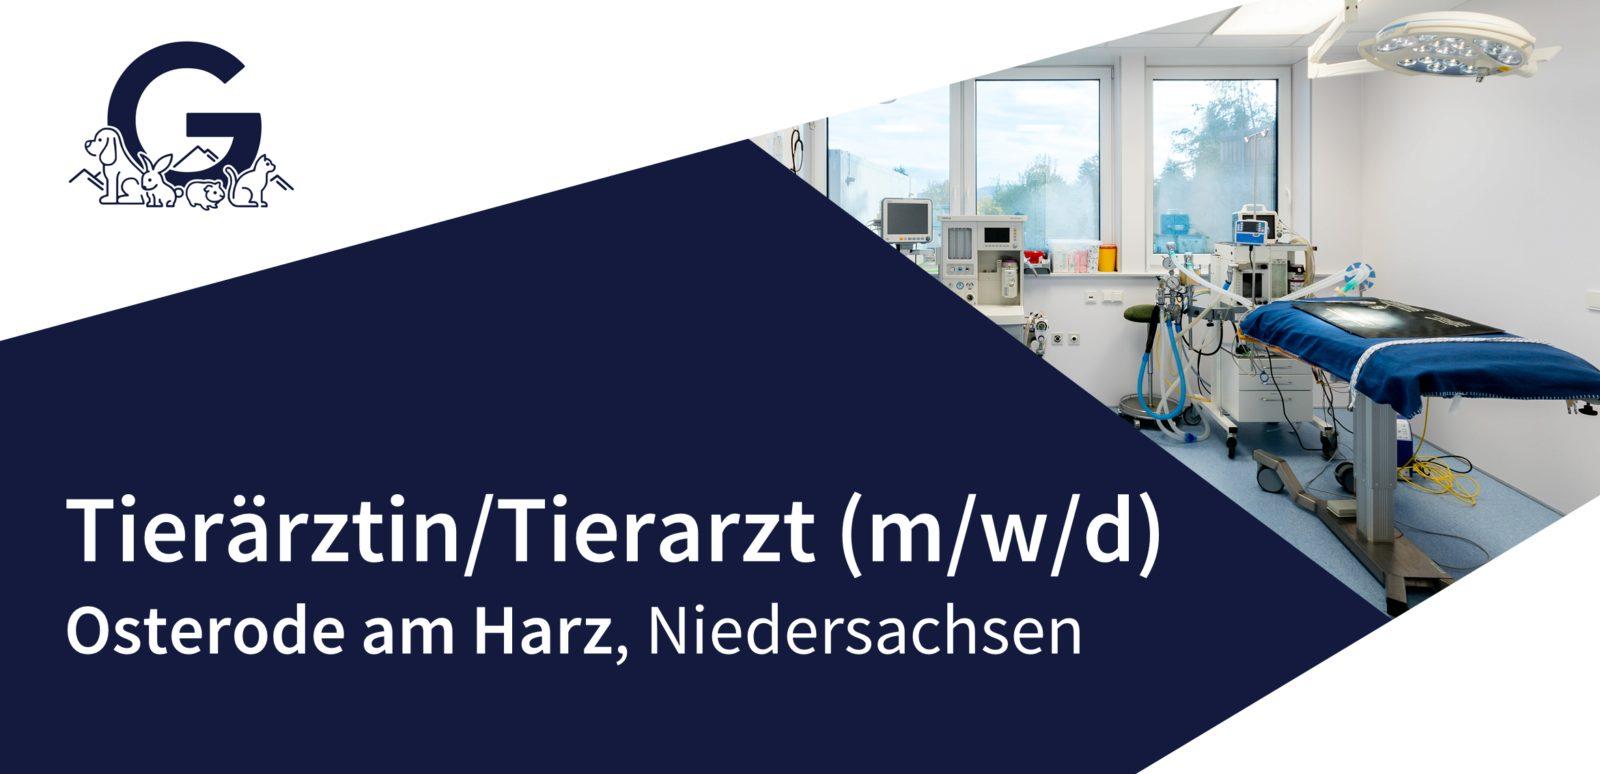 Tiergesundheitszentrum Südharz GmbH - Tierarzt für den Bereich Stomatologie (m/w/d) in Osterode am Harz gesucht